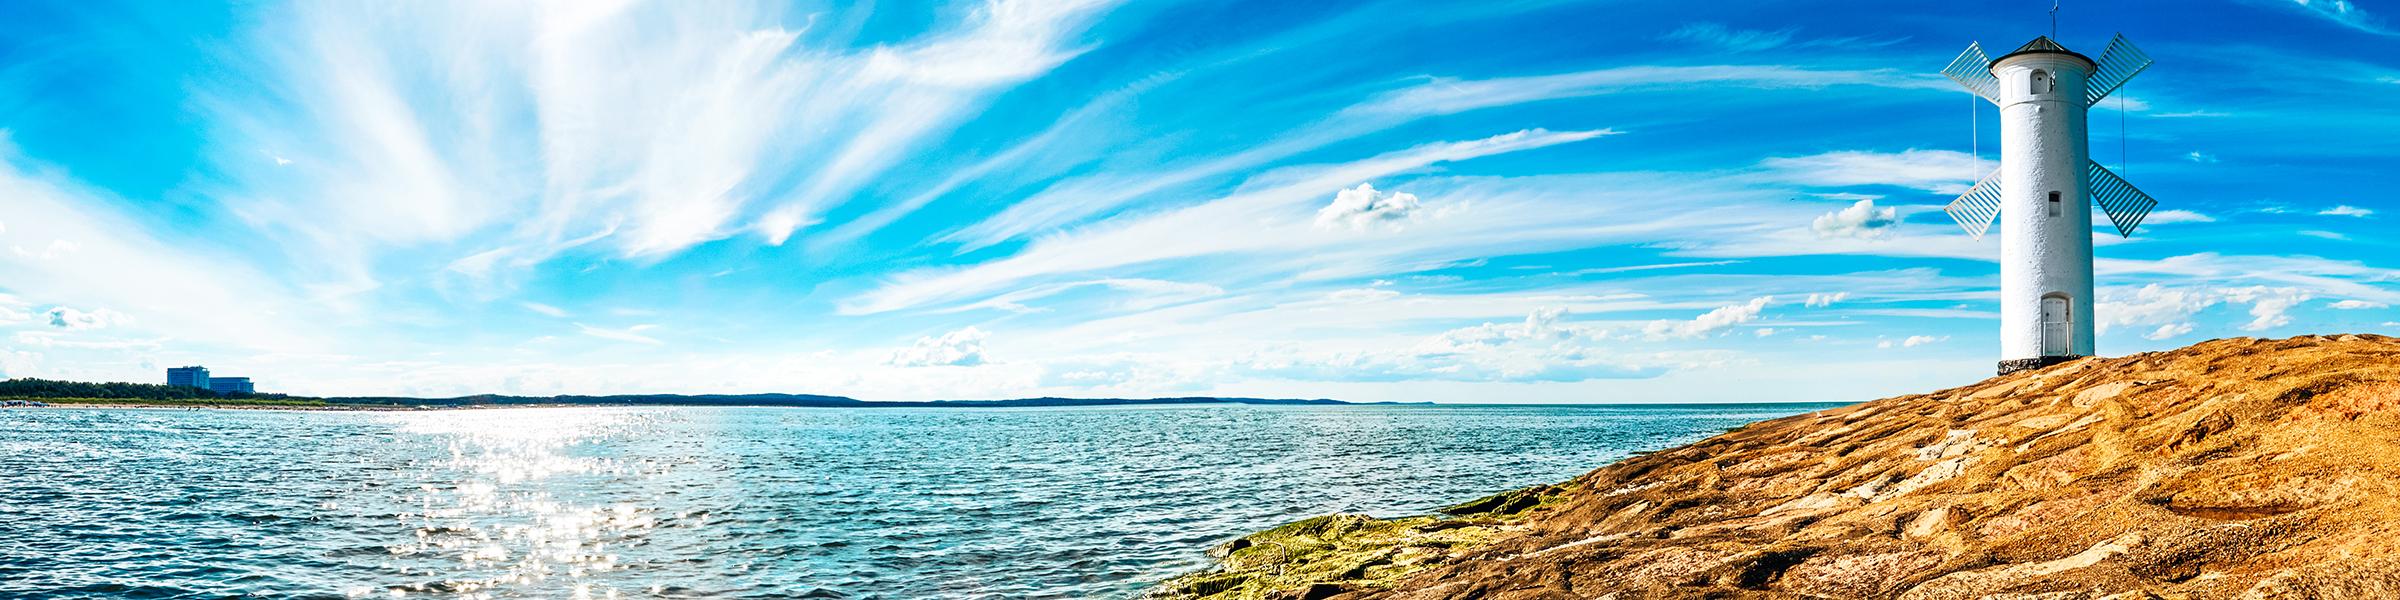 Leuchtturm Swinemünde Polnische Ostsee